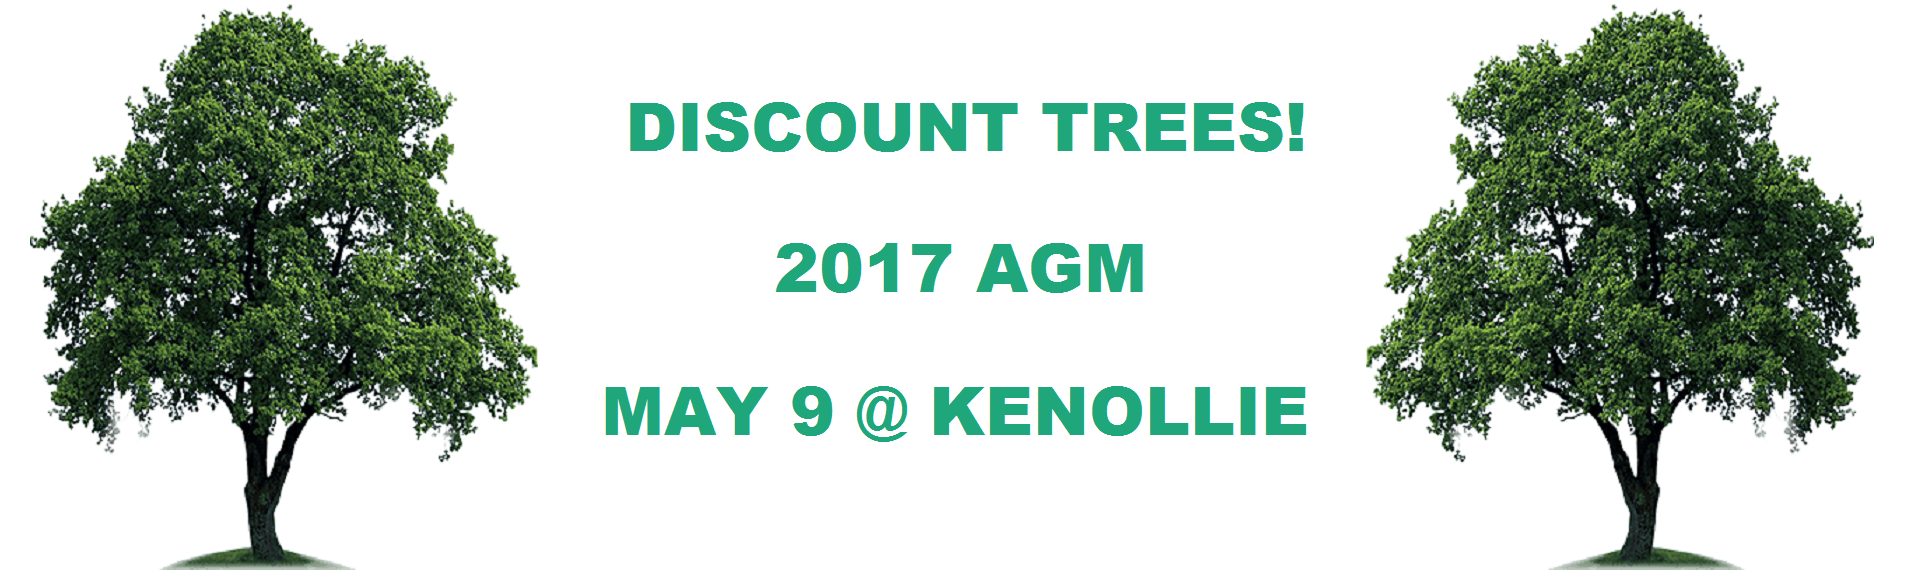 2017 AGM Trees